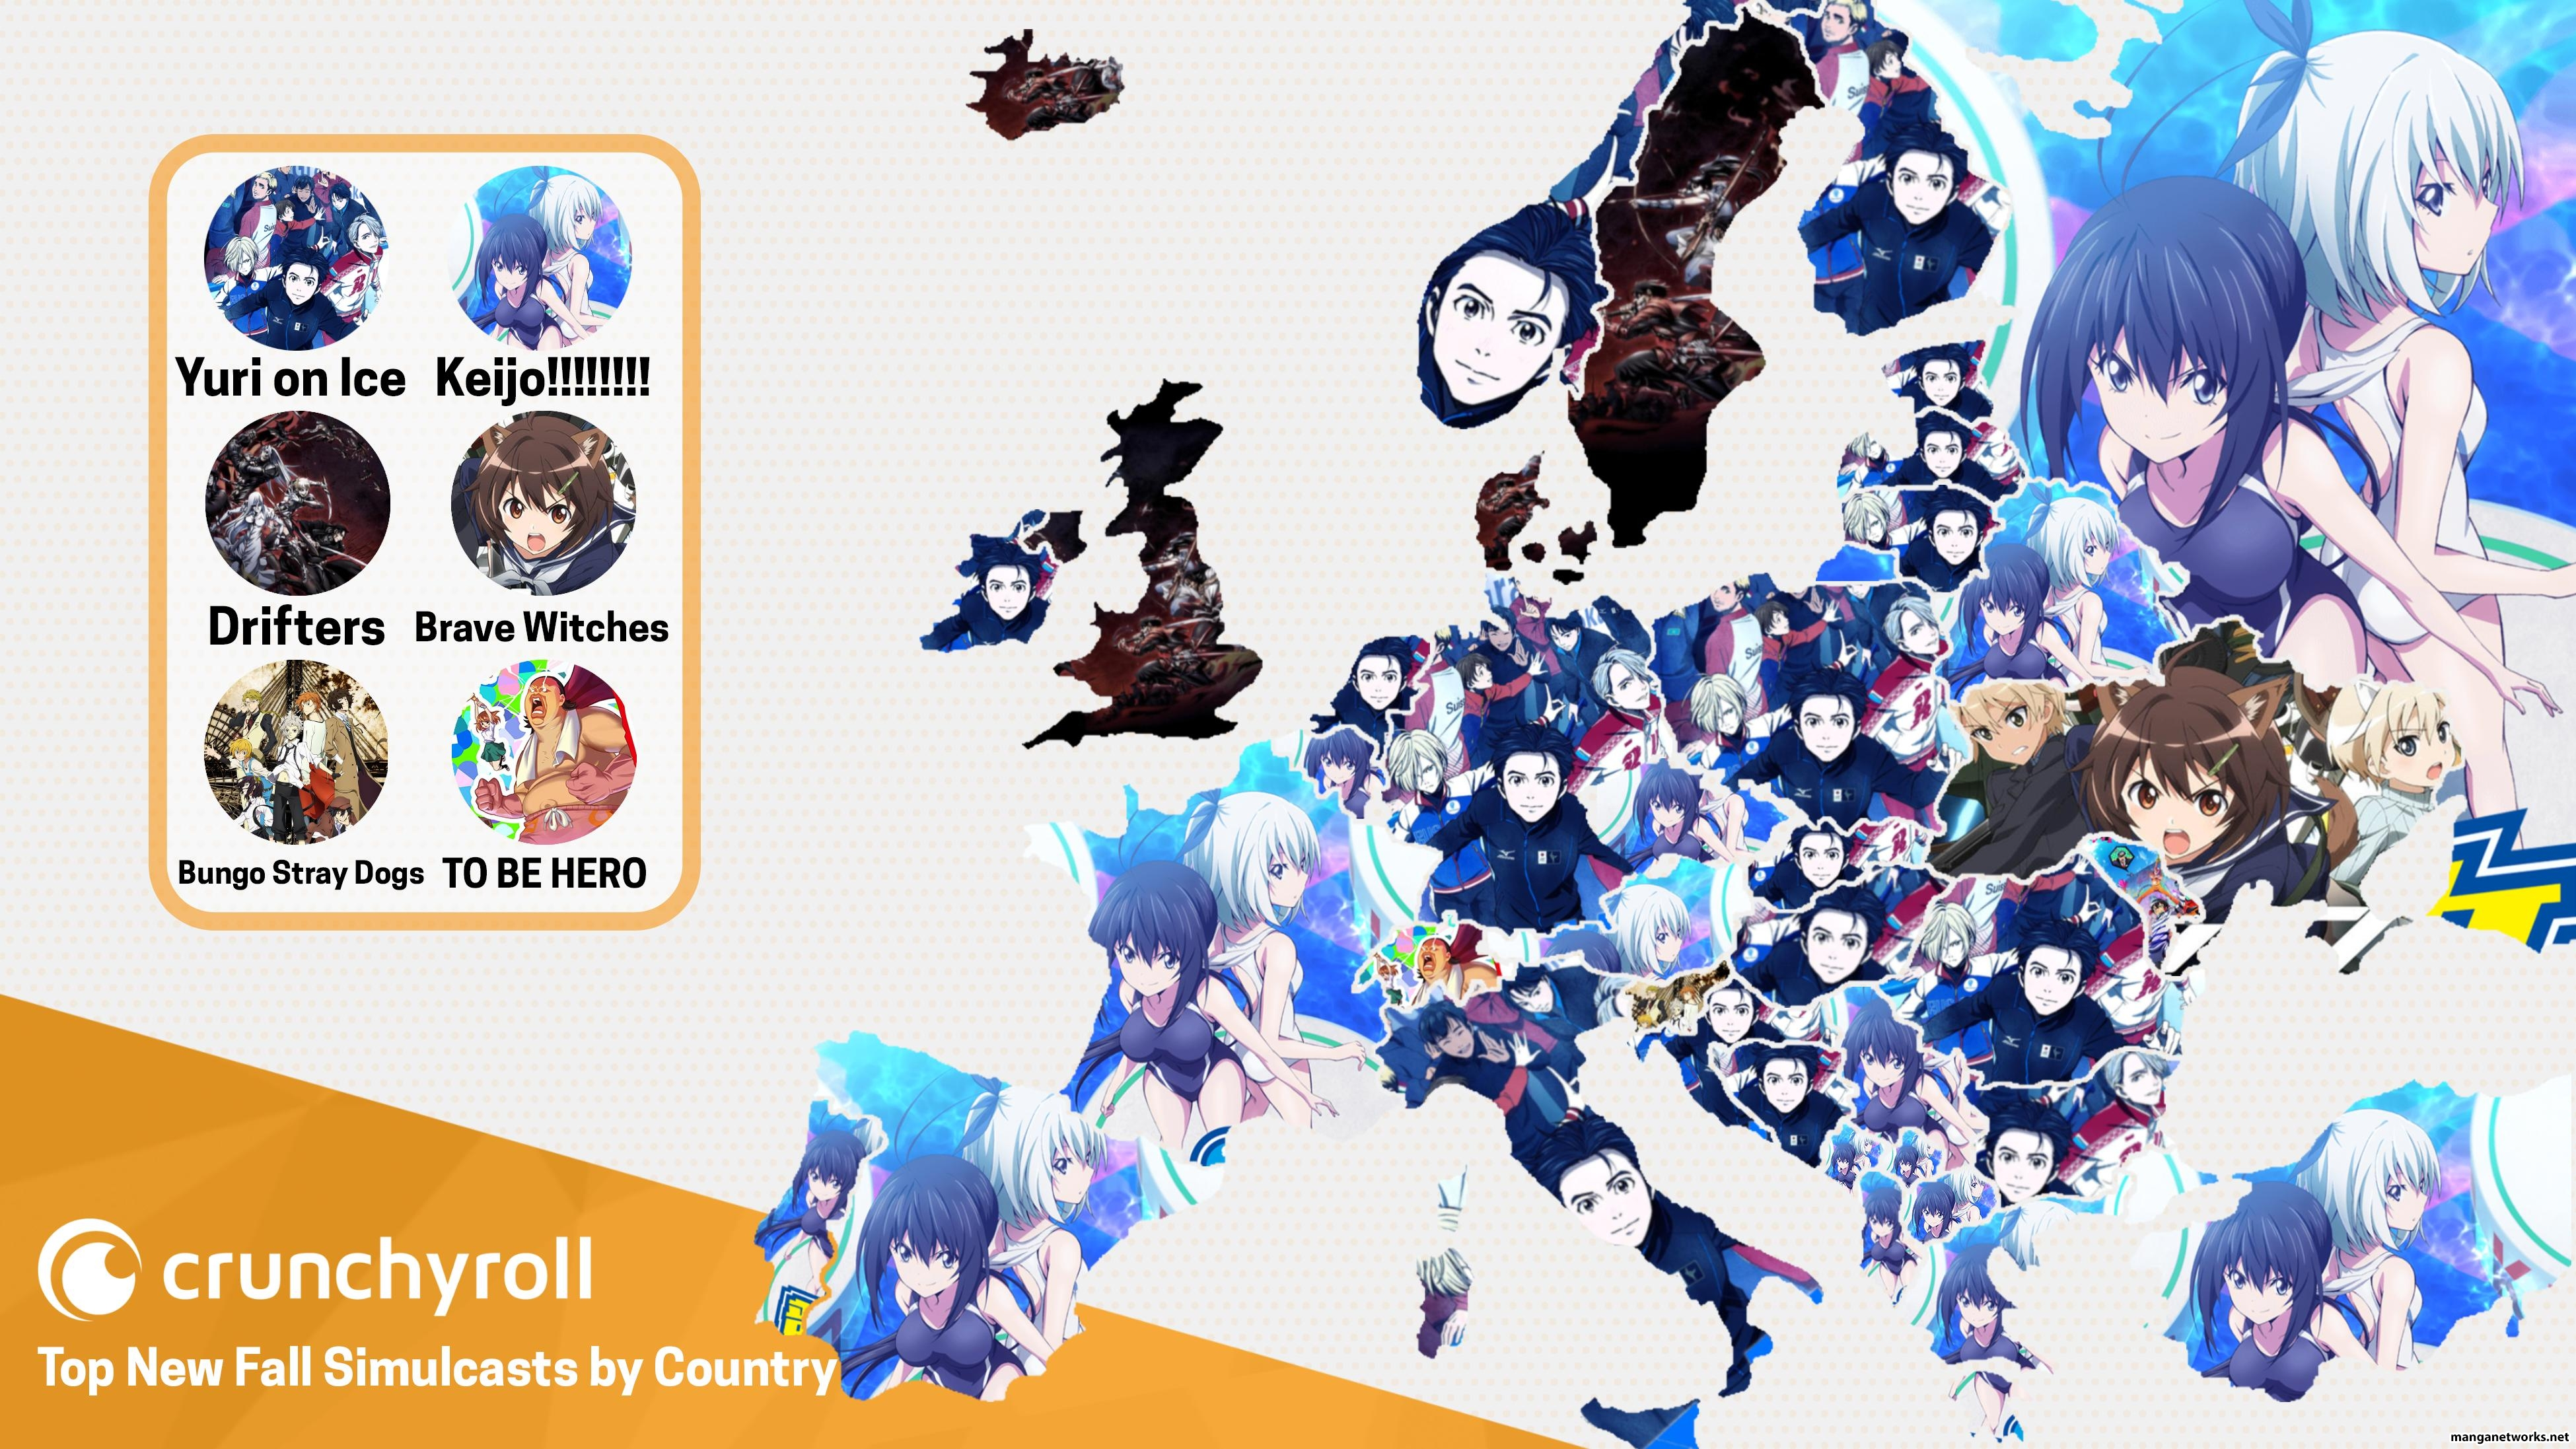 30911407106 b878671bb5 o Top những bộ Anime mùa thu 2016 được yêu thích nhất tại: Mỹ, Úc, Châu Âu và Canada